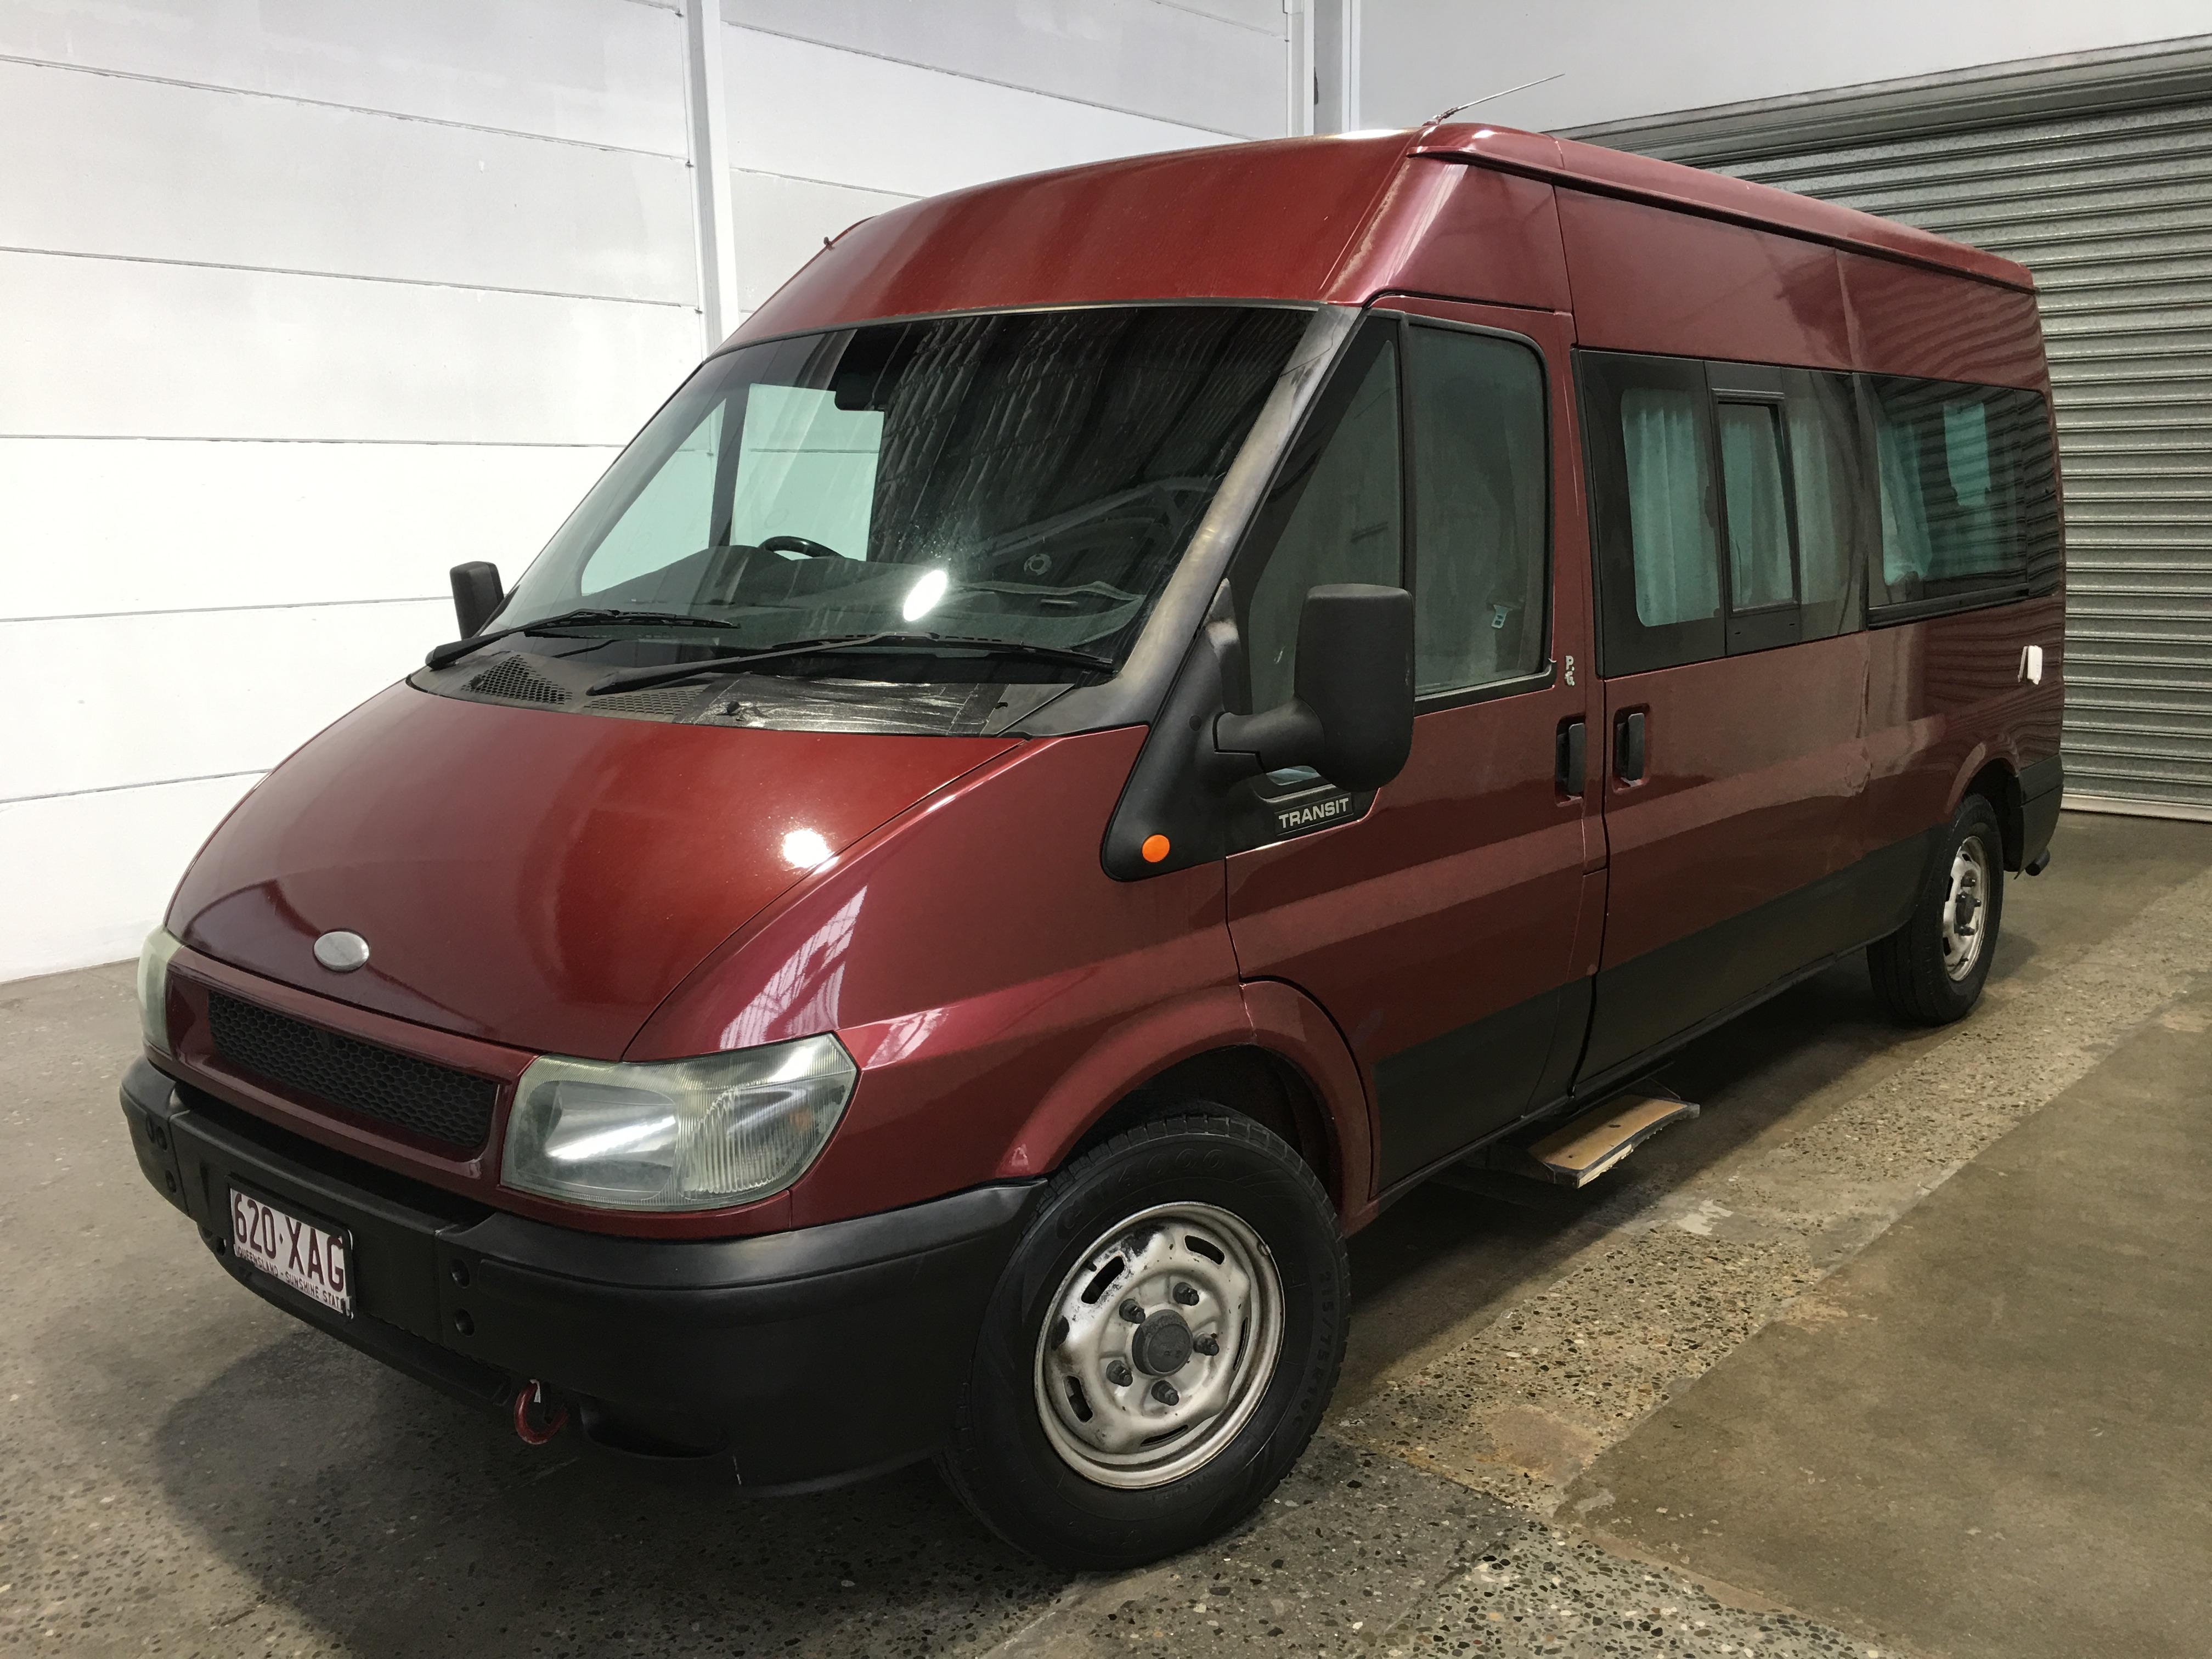 2002 Ford Transit Campervan VH Turbo Diesel Manual Bus